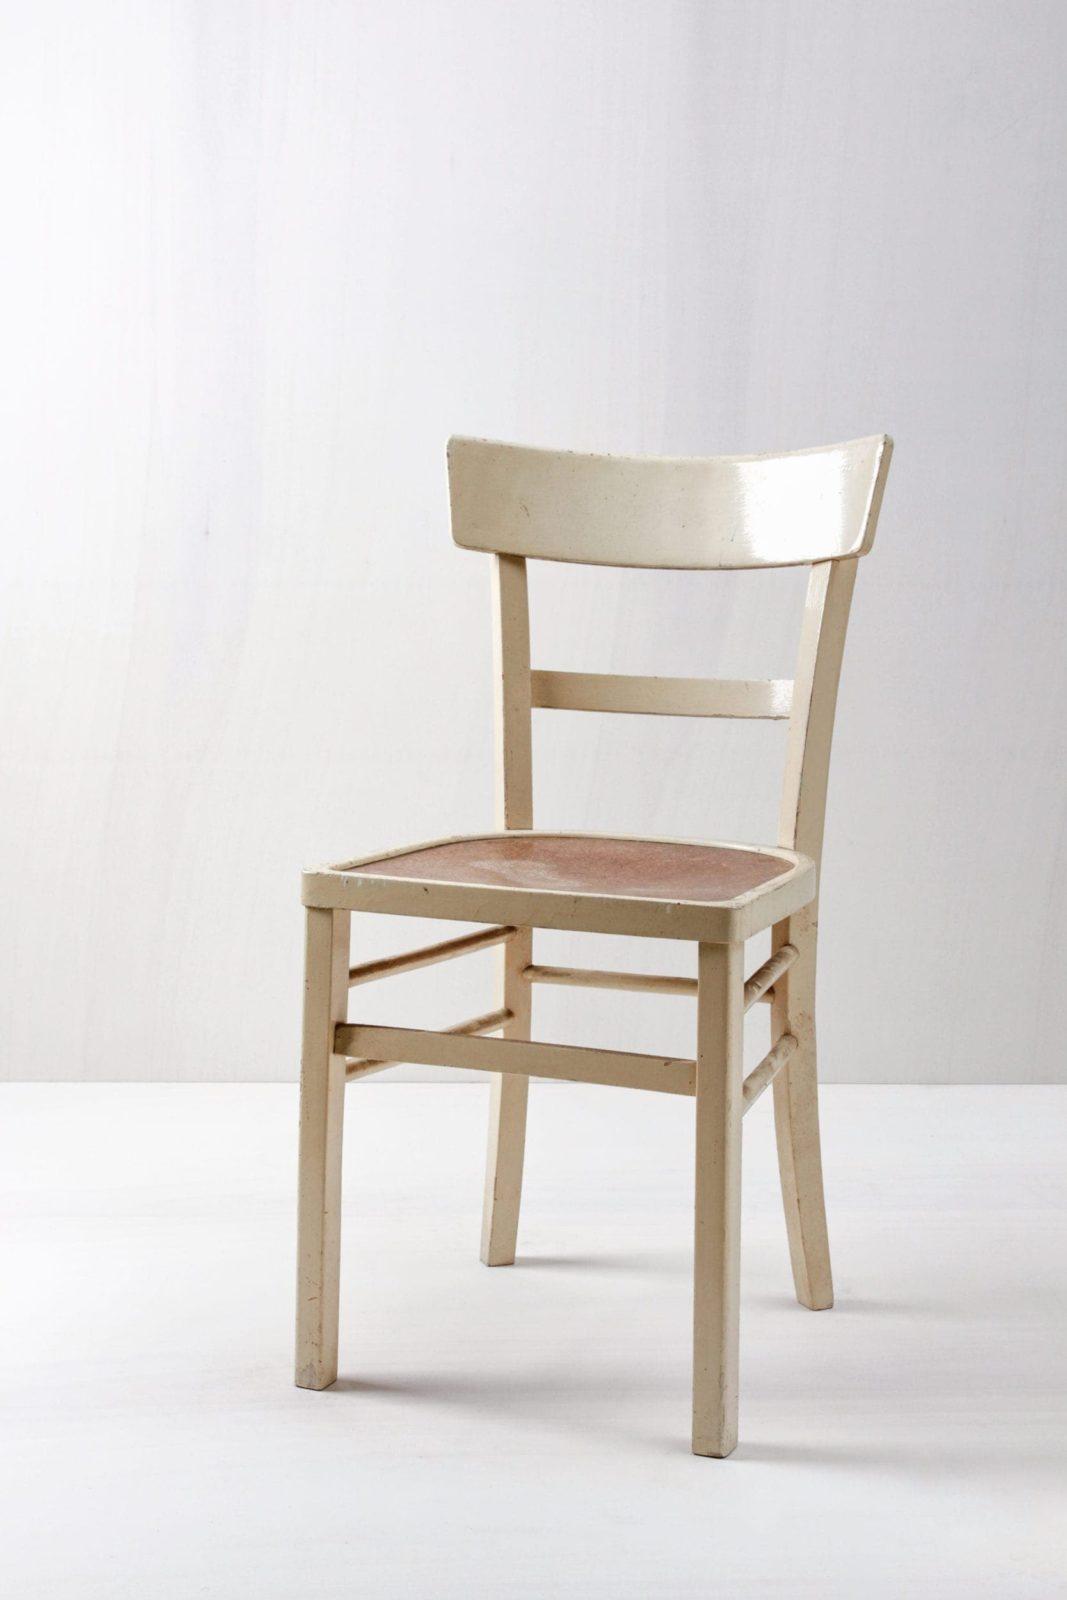 Kitchen Chair Soledad | Wonderful vintage chair, cream-colored finish. | gotvintage Rental & Event Design